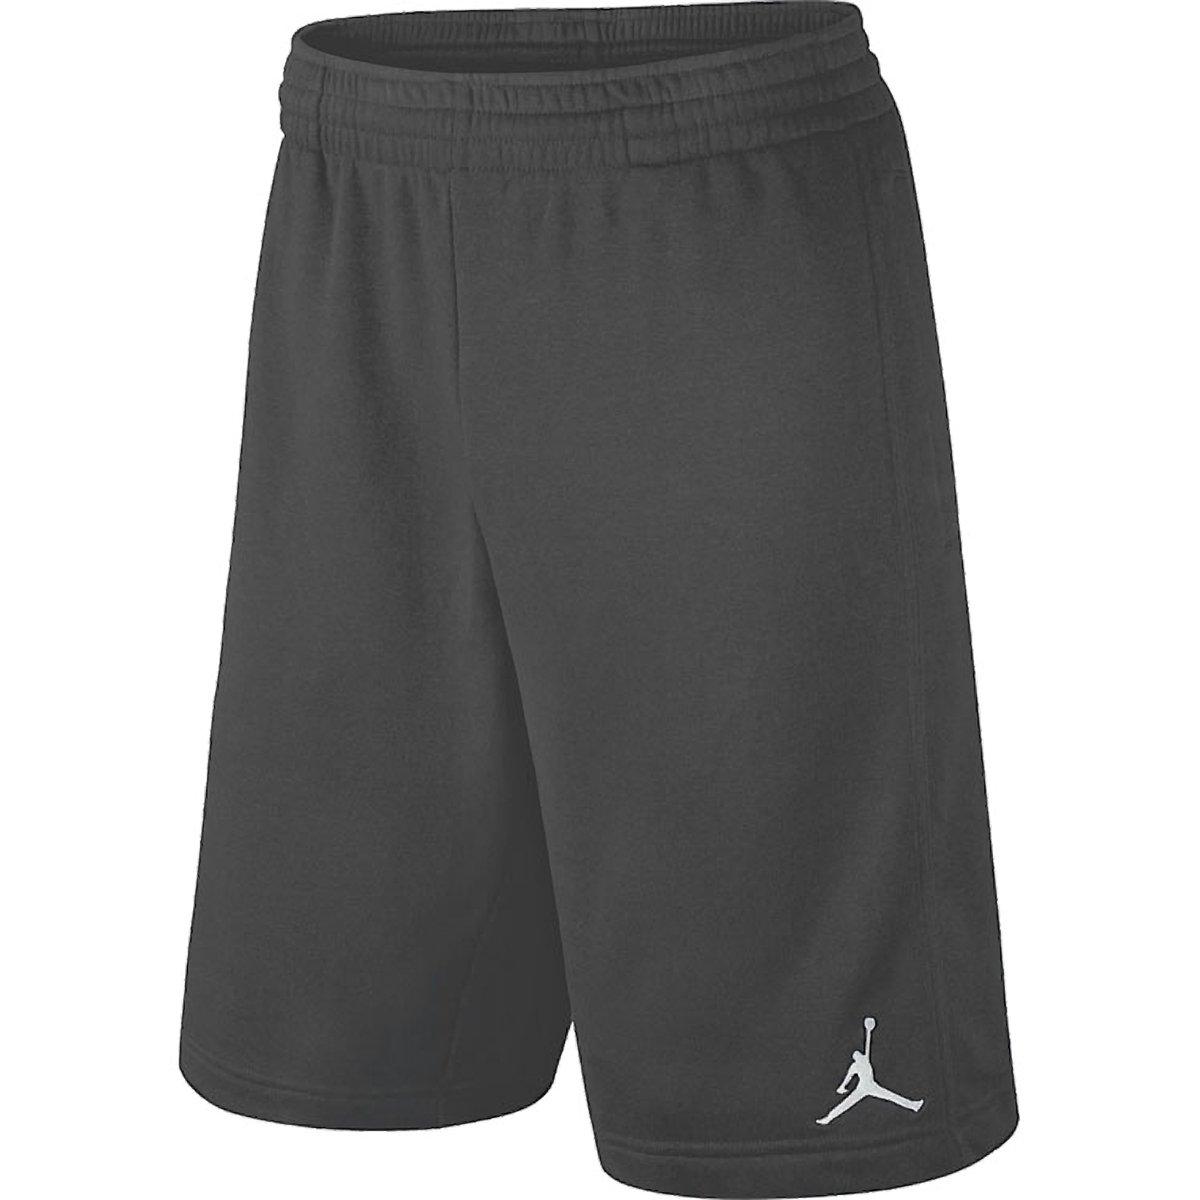 Nike Boys Dri-Fit Jordan Basketball Shorts, Dark Grey, Medium, 951532 176